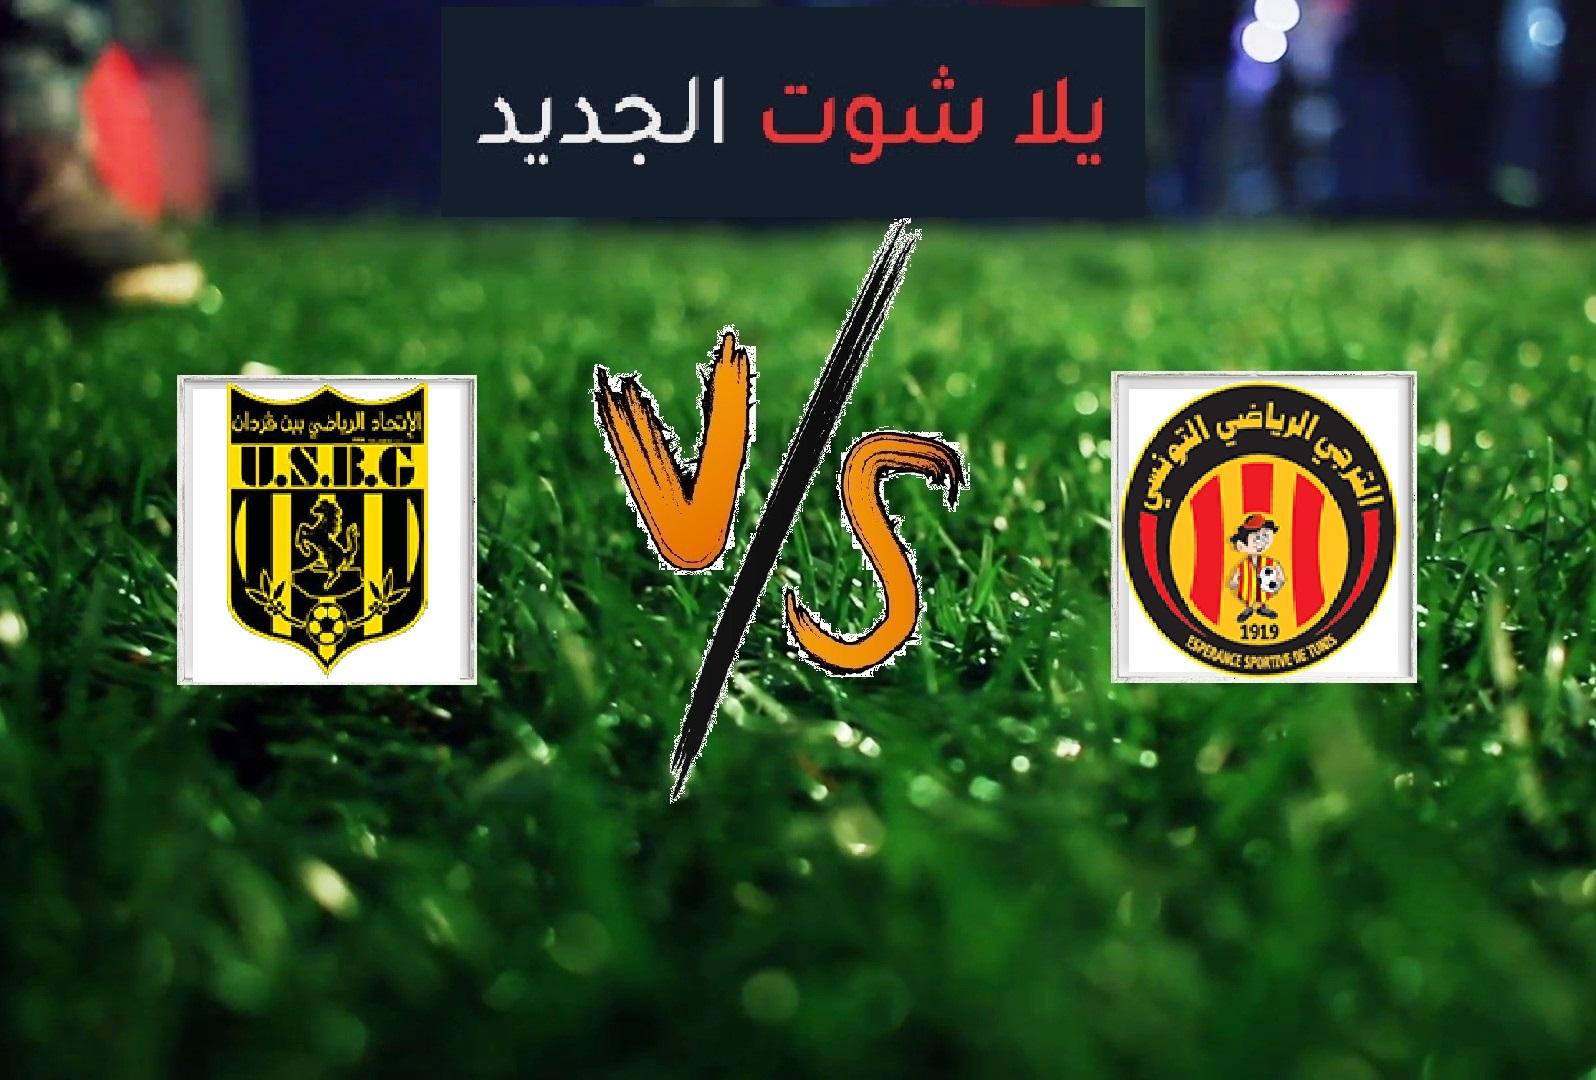 ملخص  مباراة الترجي واتحاد بن قردان بتاريخ 12-06-2019 الرابطة التونسية لكرة القدم